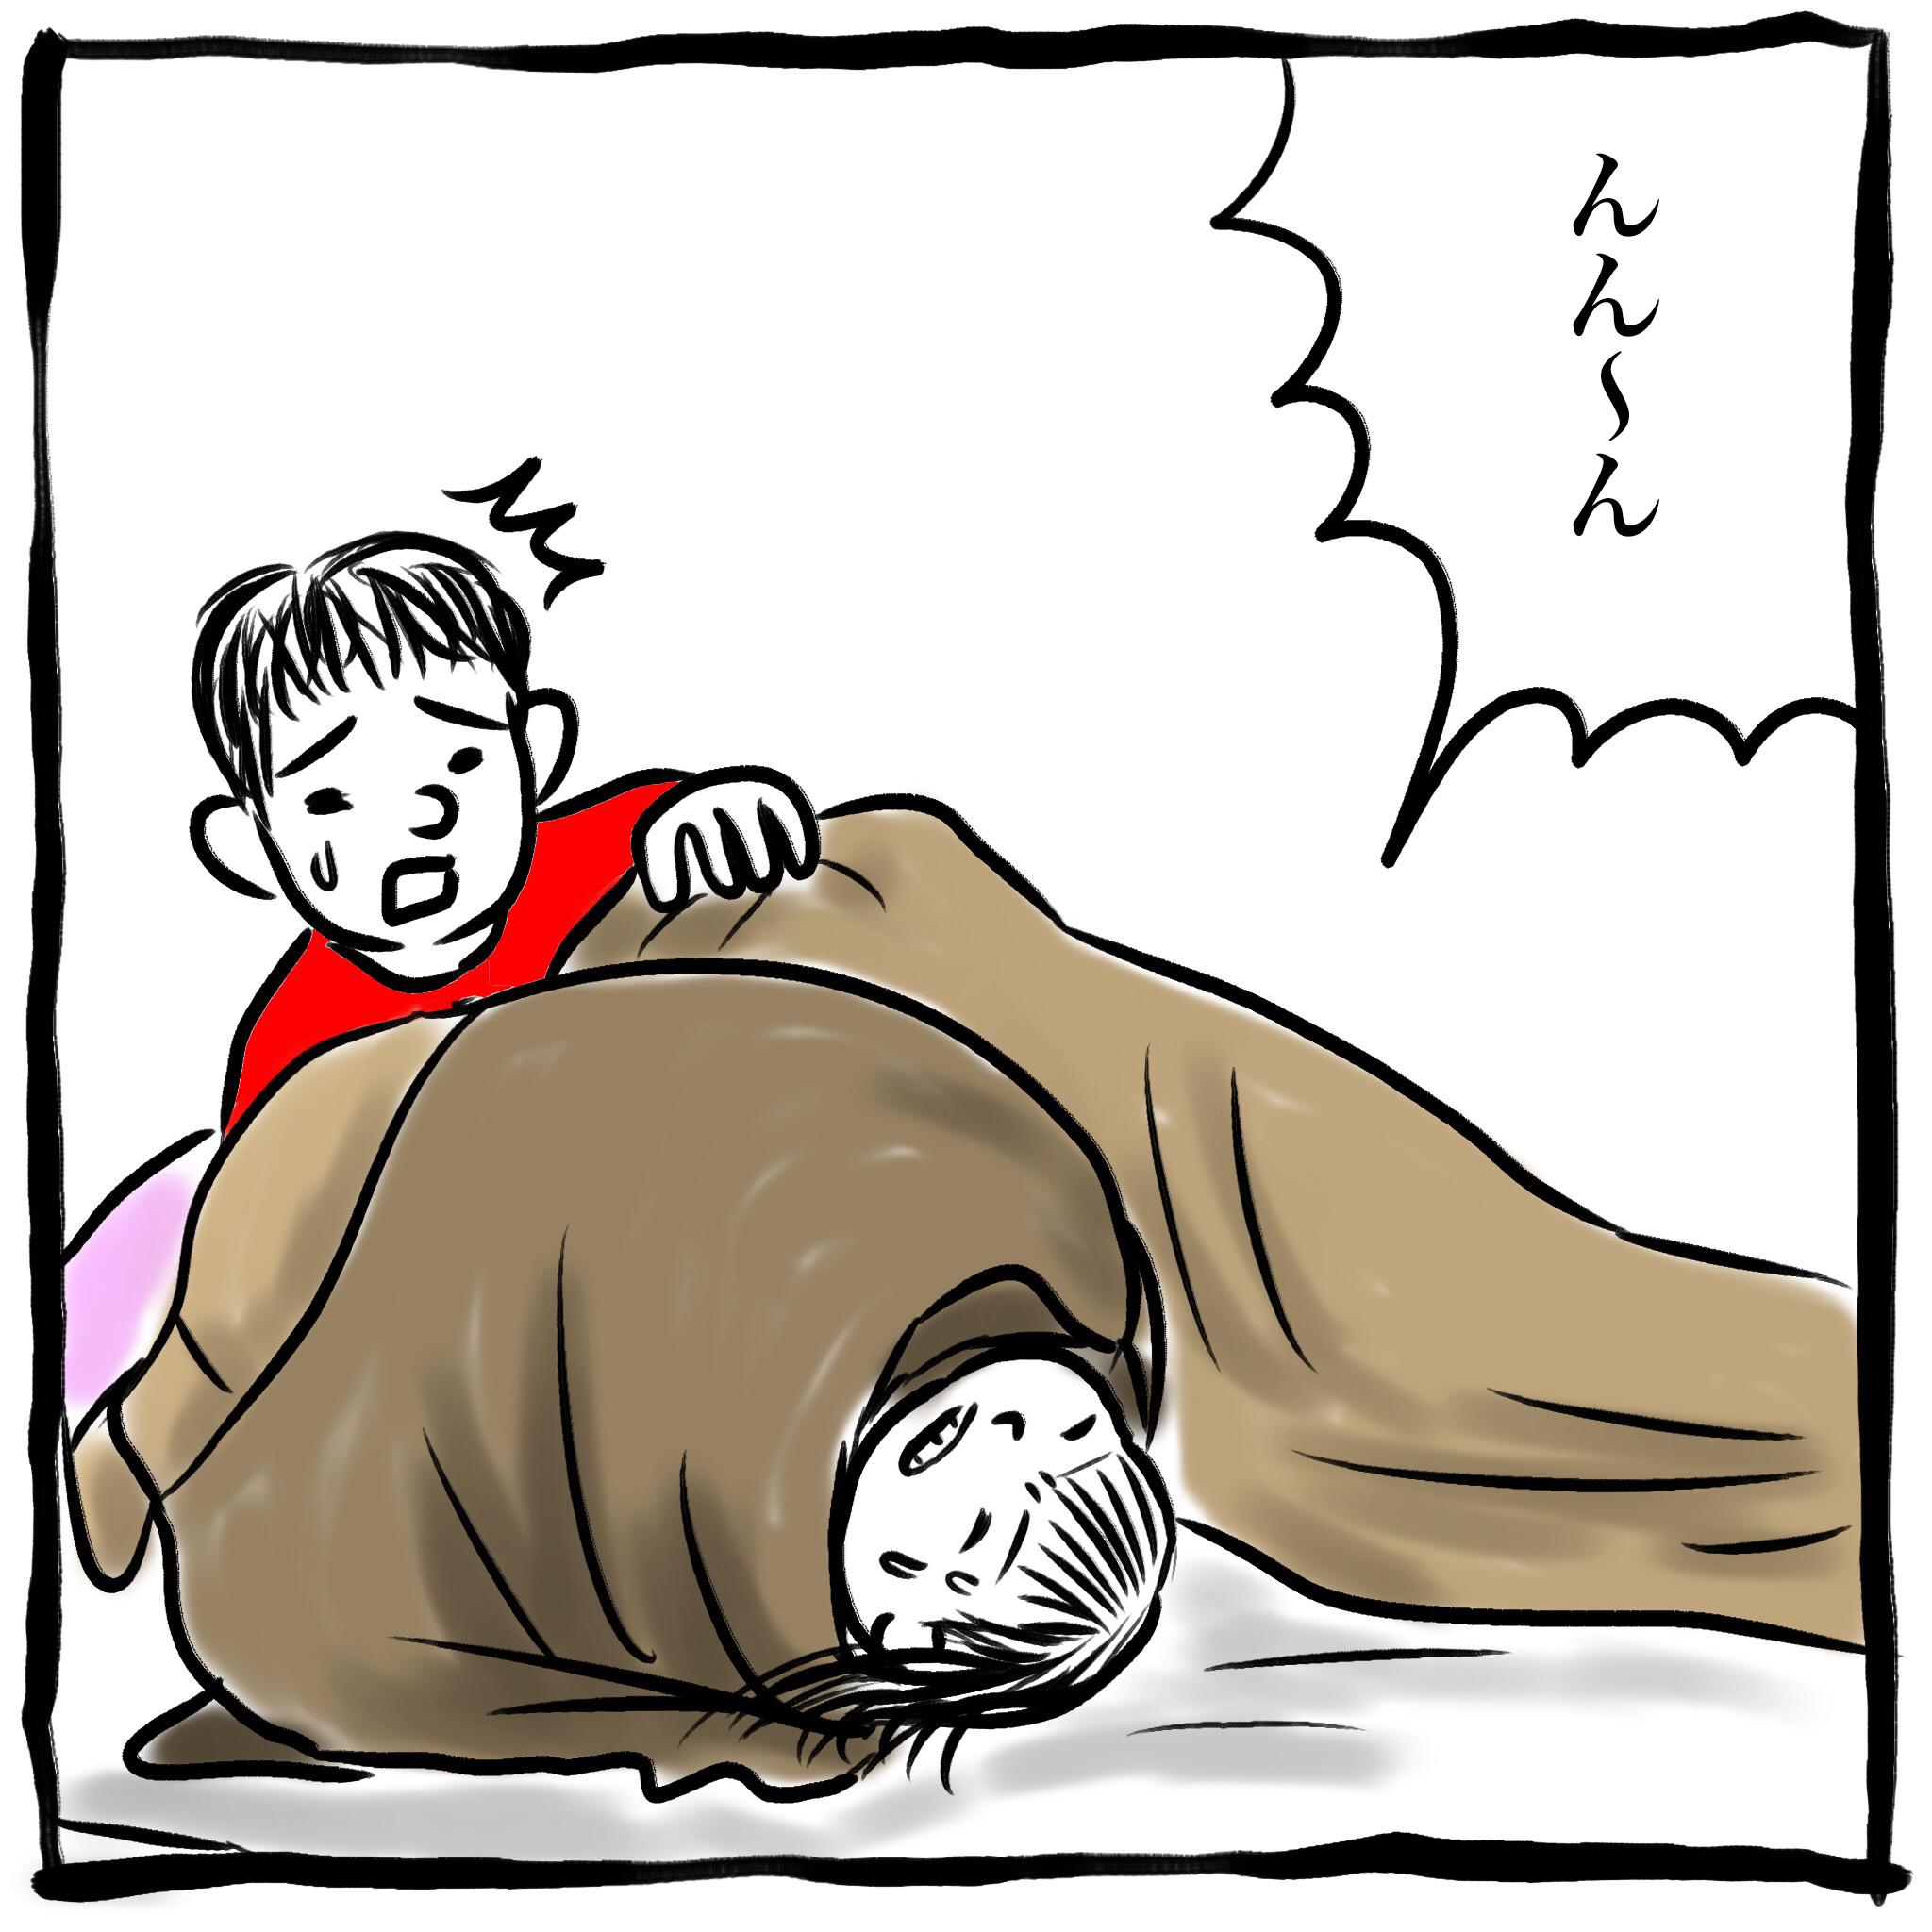 風呂場で急に白目をむいてぶっ倒れた娘! 初めての衝撃に気が動転して…【劔樹人の「育児は、遠い日の花火ではない」 第5話】